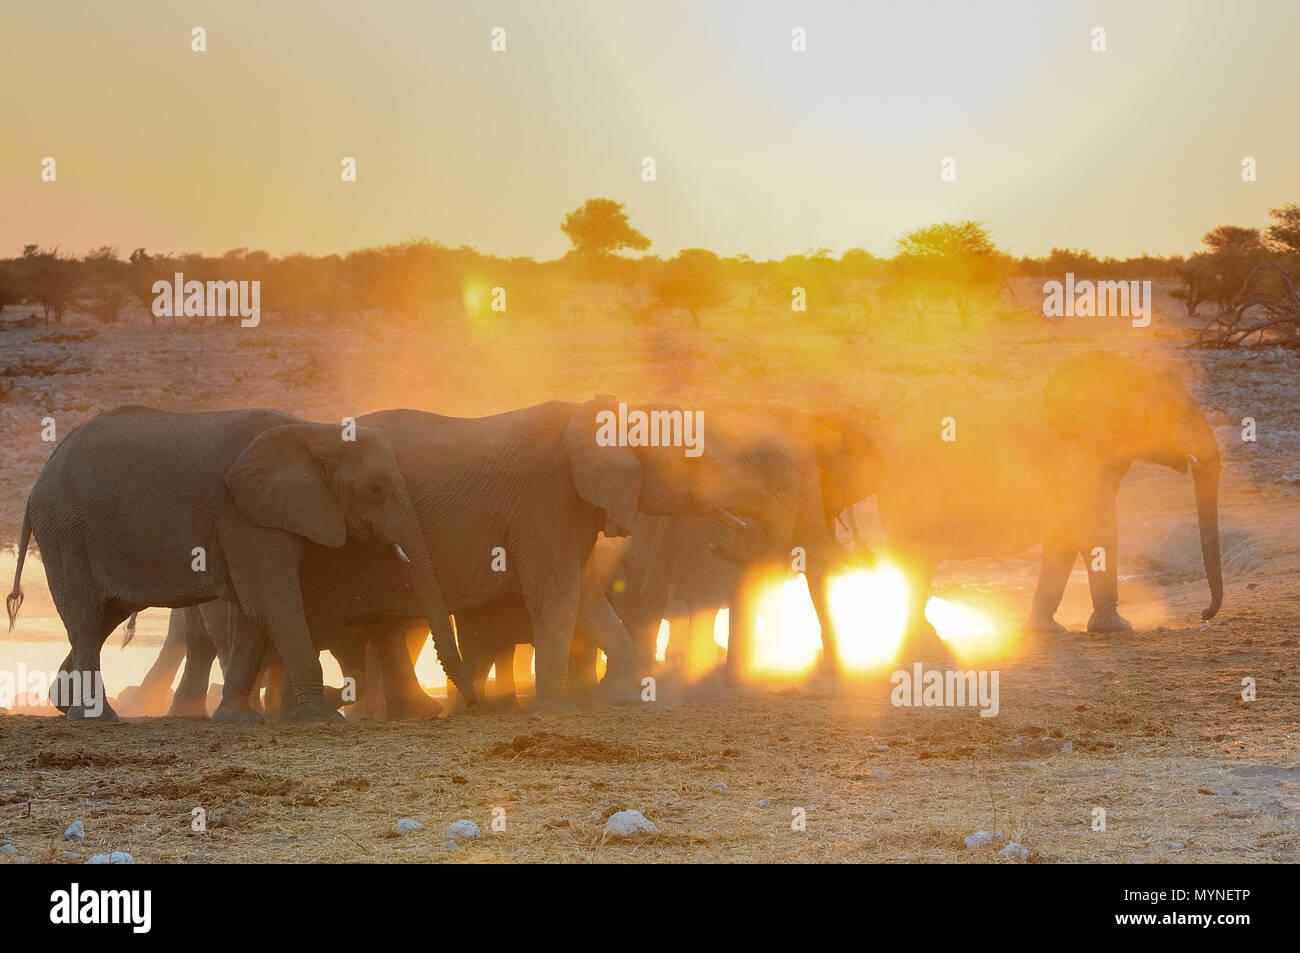 African elephant herd at sunset, etosha nationalpark, namibia, (loxodonta africana) - Stock Image